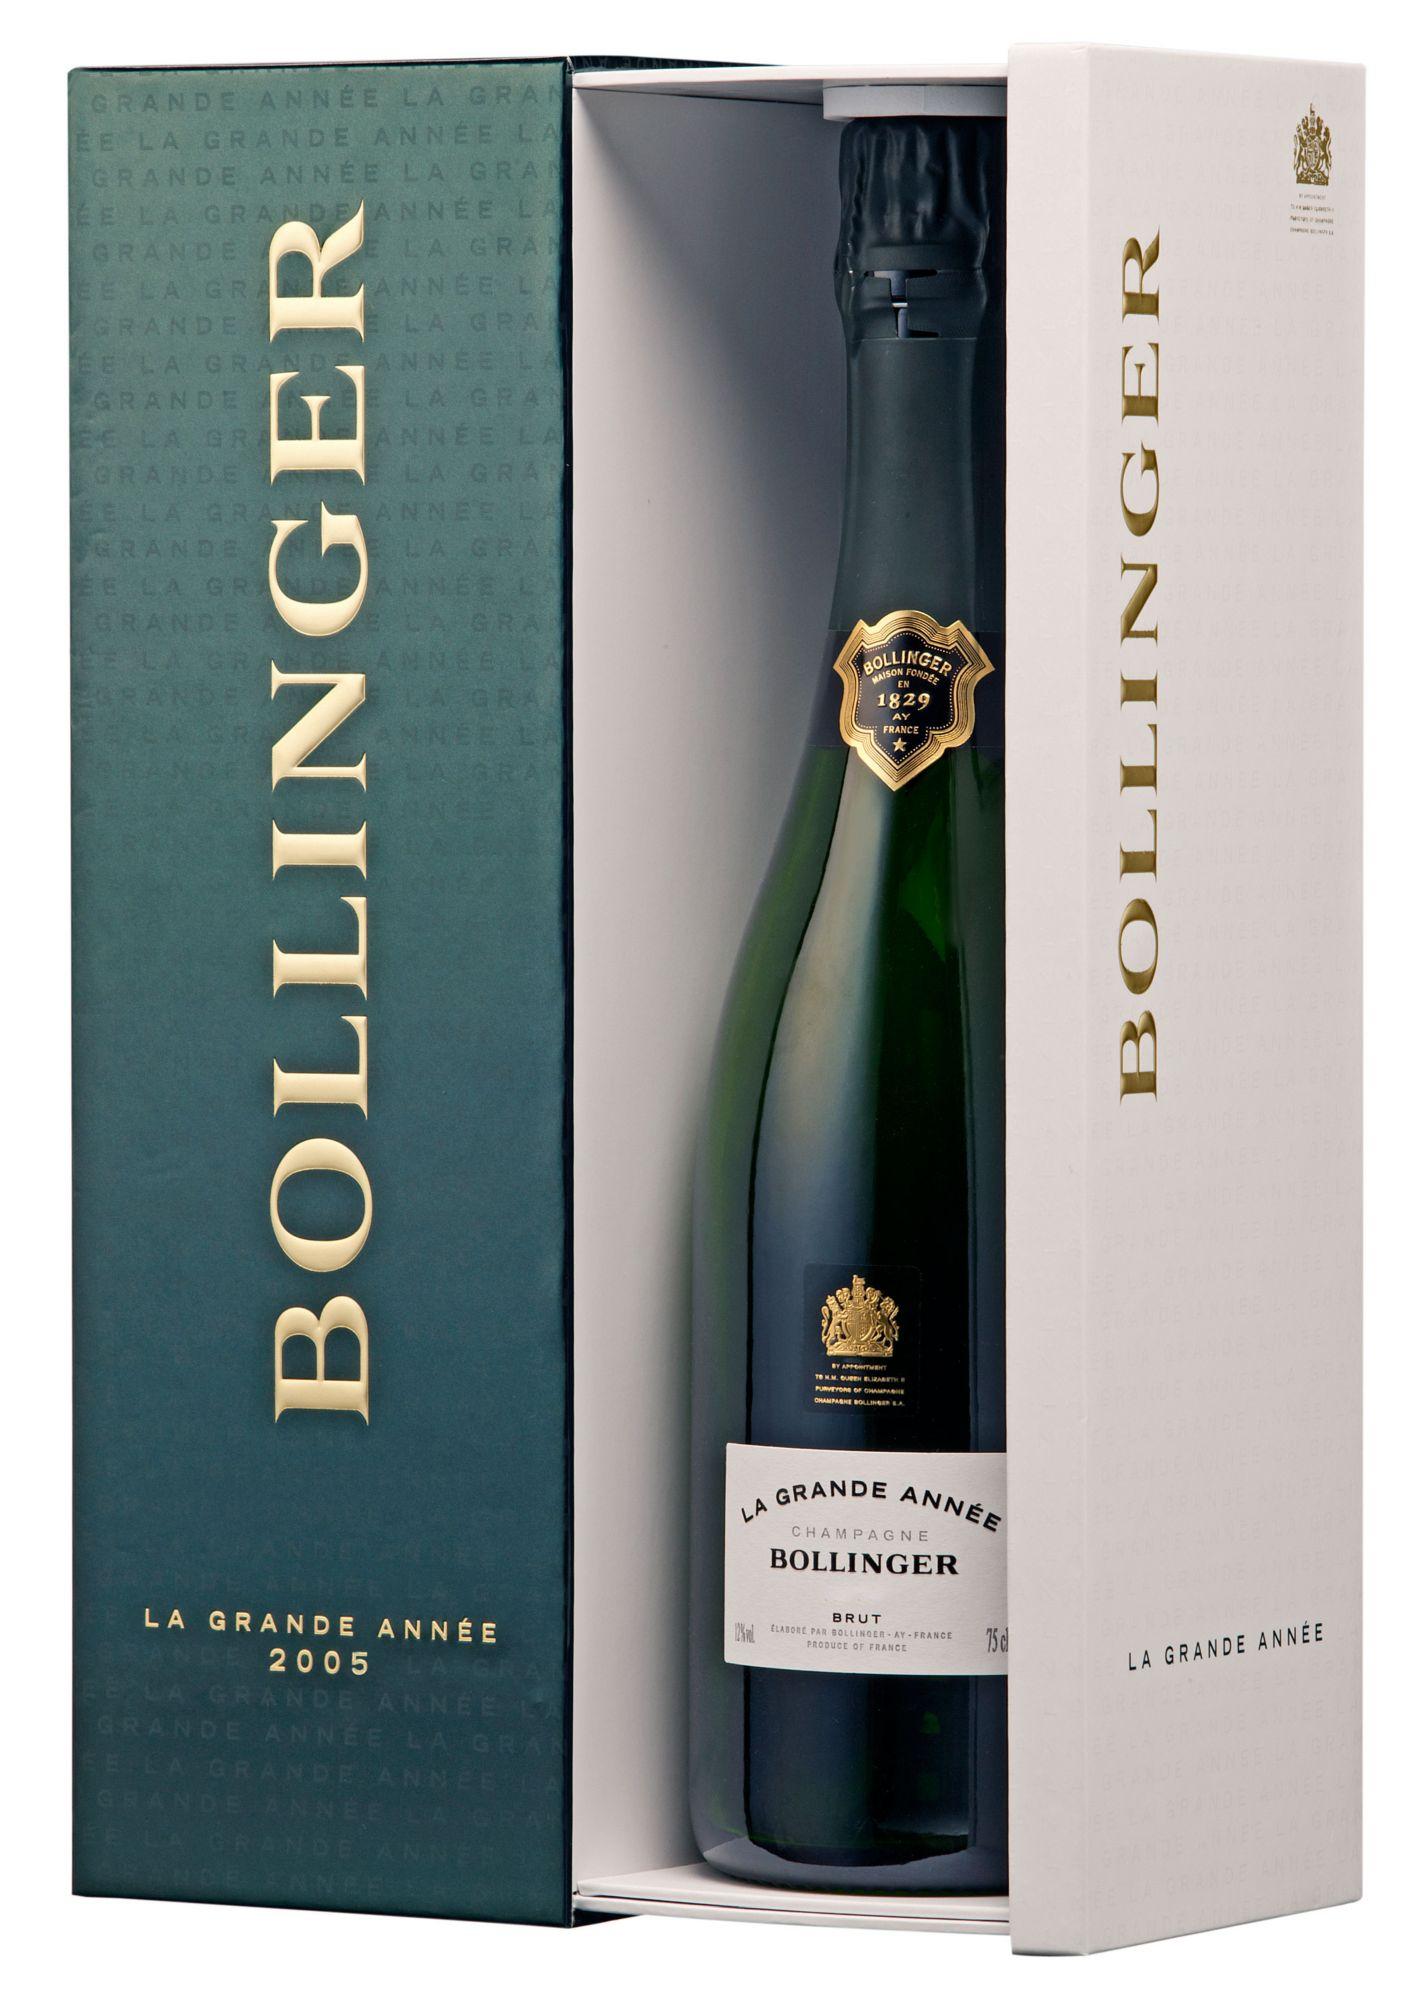 Image of Bollinger La Grande Année Brut 2005